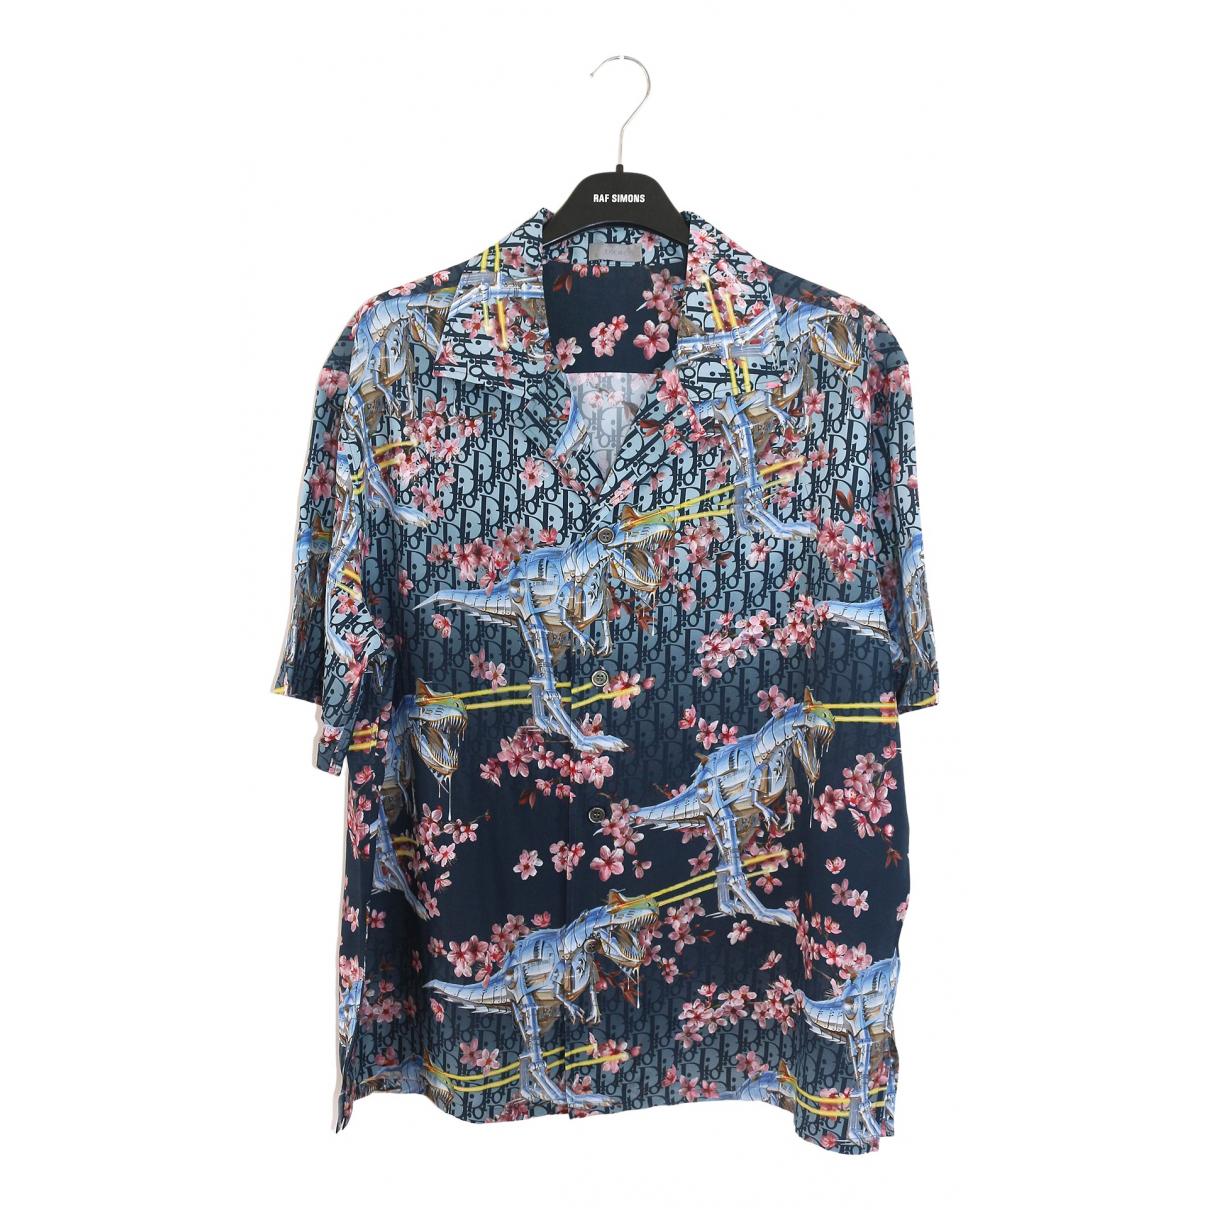 Dior Homme - Chemises   pour homme - multicolore